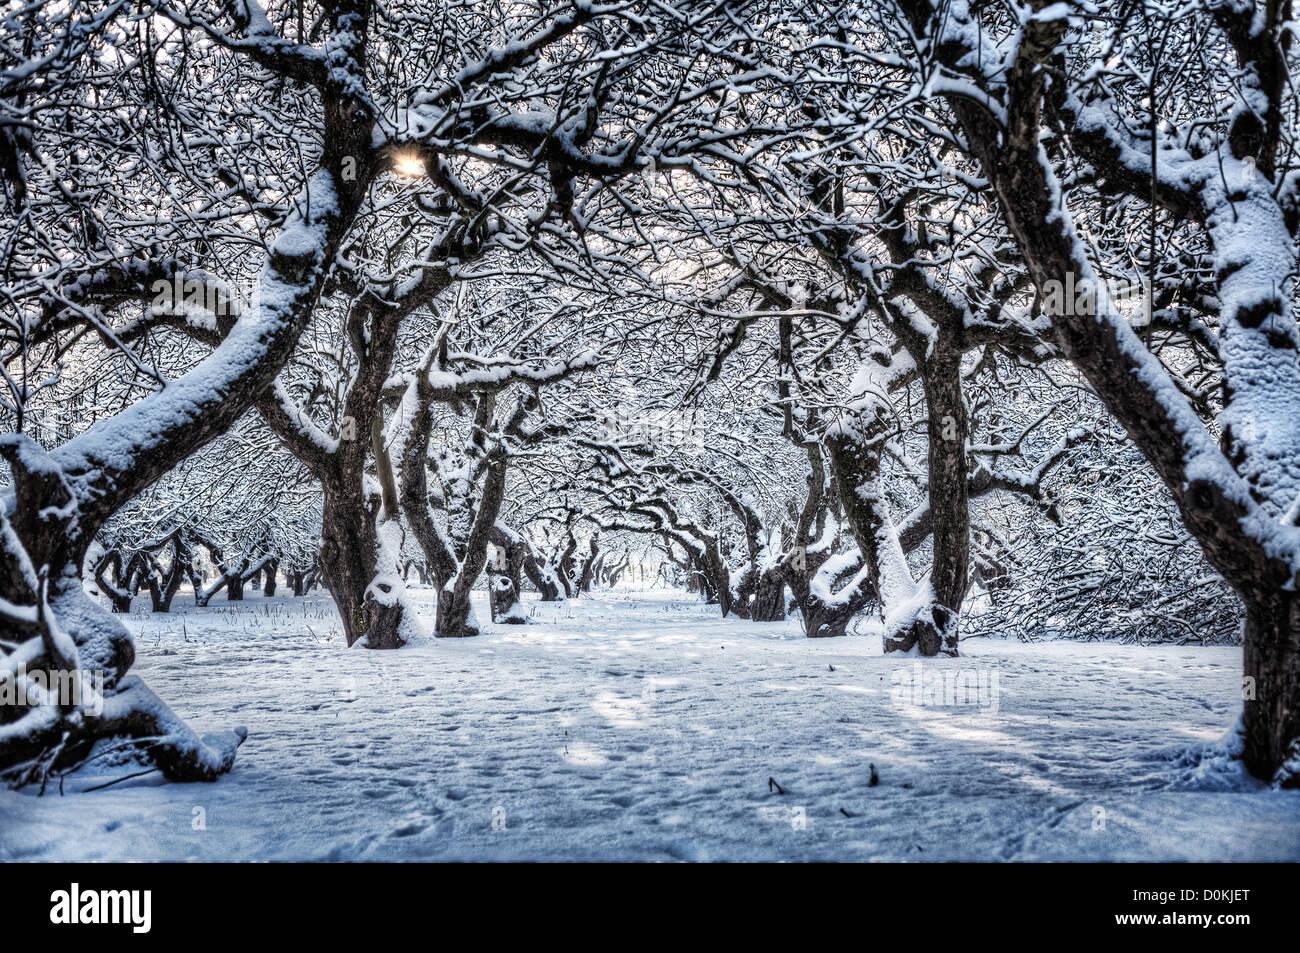 Une ligne d'arbres couverts de neige dans un verger. Photo Stock